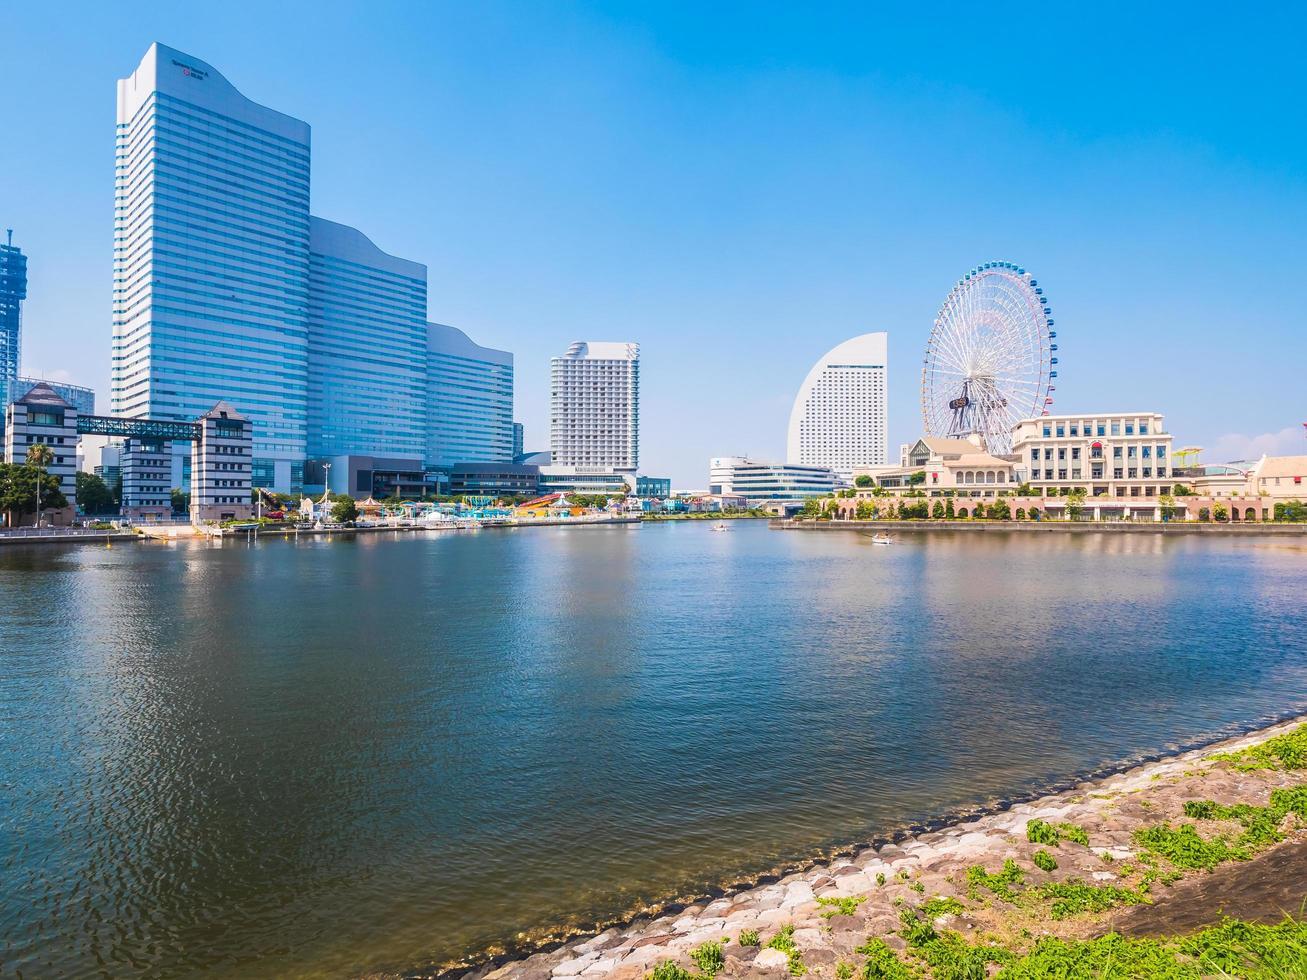 Yokohama skyline in Japan photo